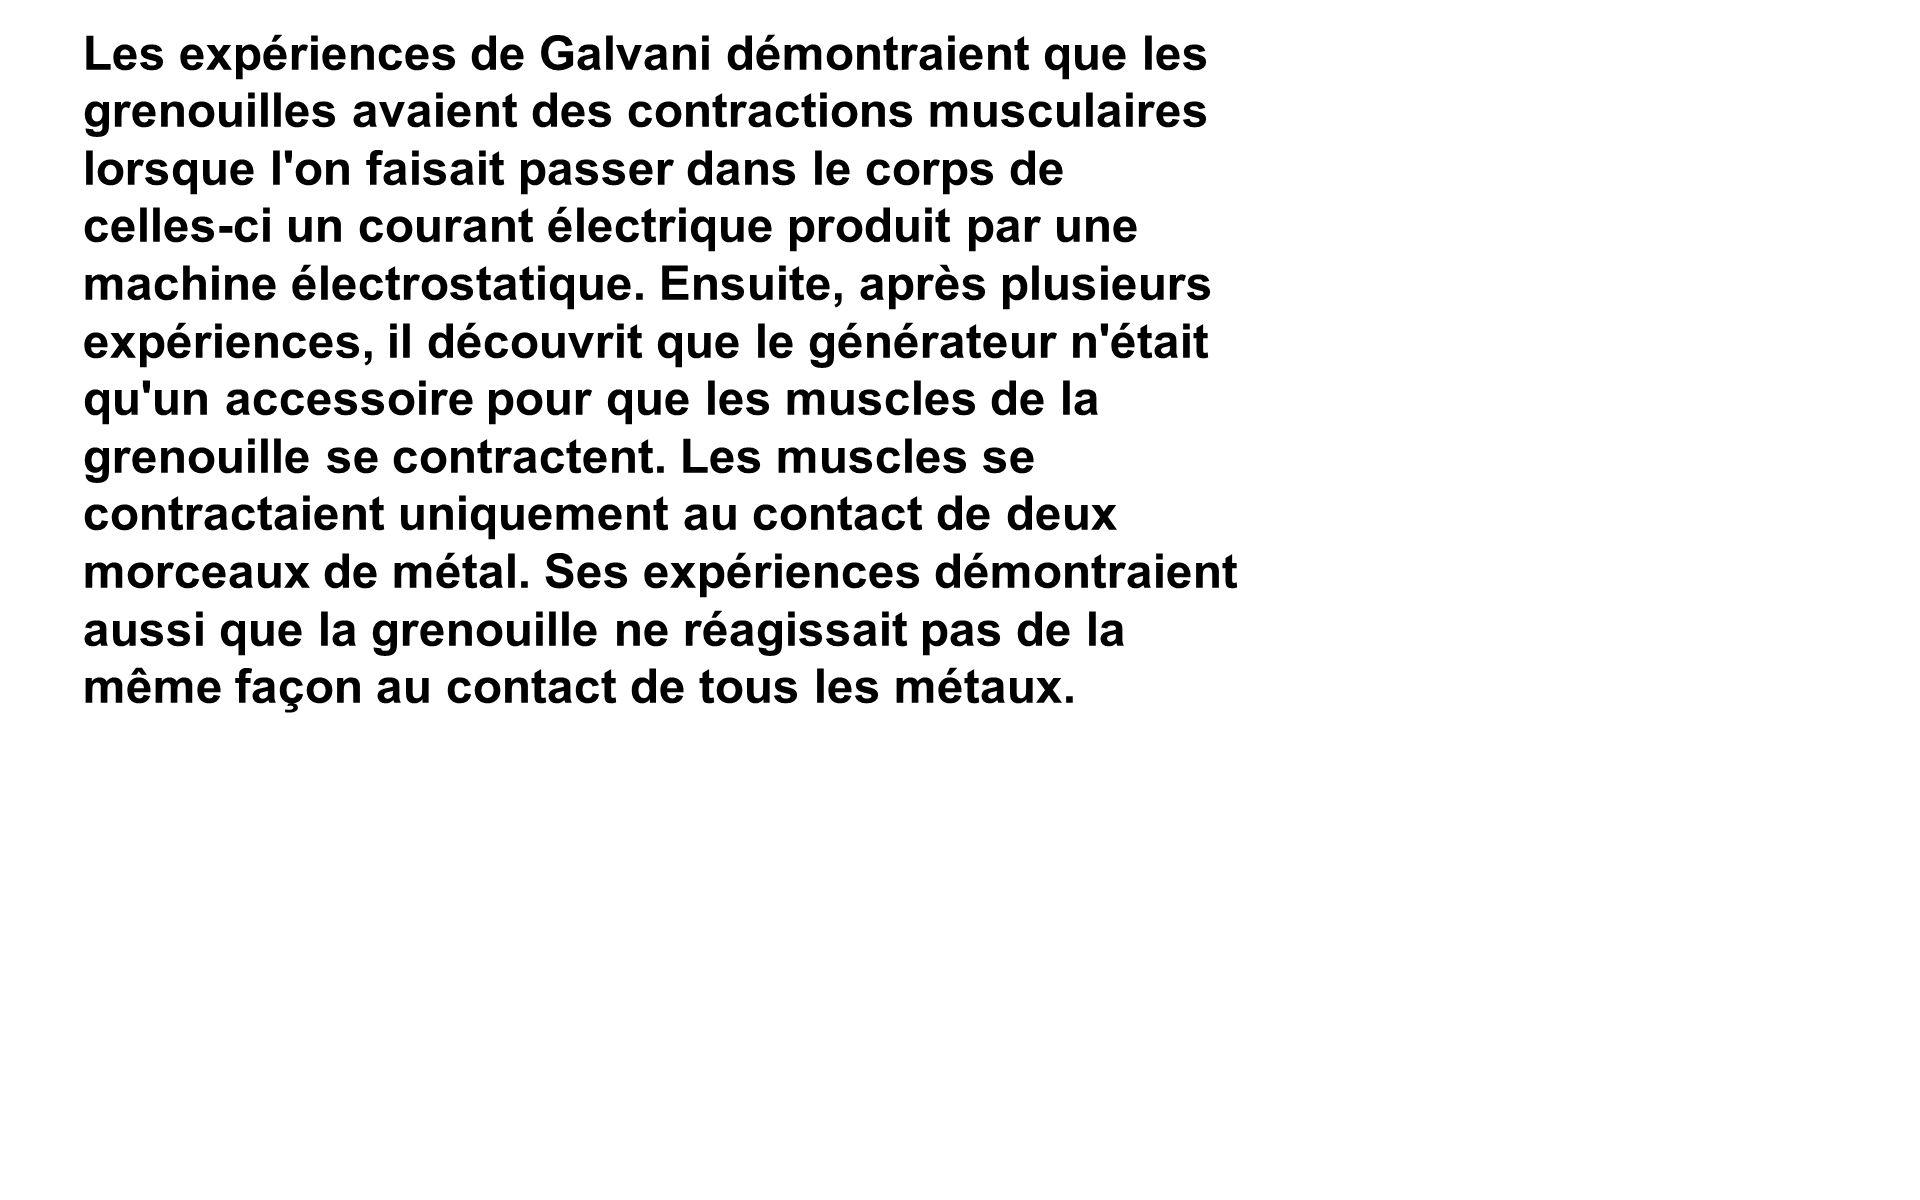 Les expériences de Galvani démontraient que les grenouilles avaient des contractions musculaires lorsque l'on faisait passer dans le corps de celles-c